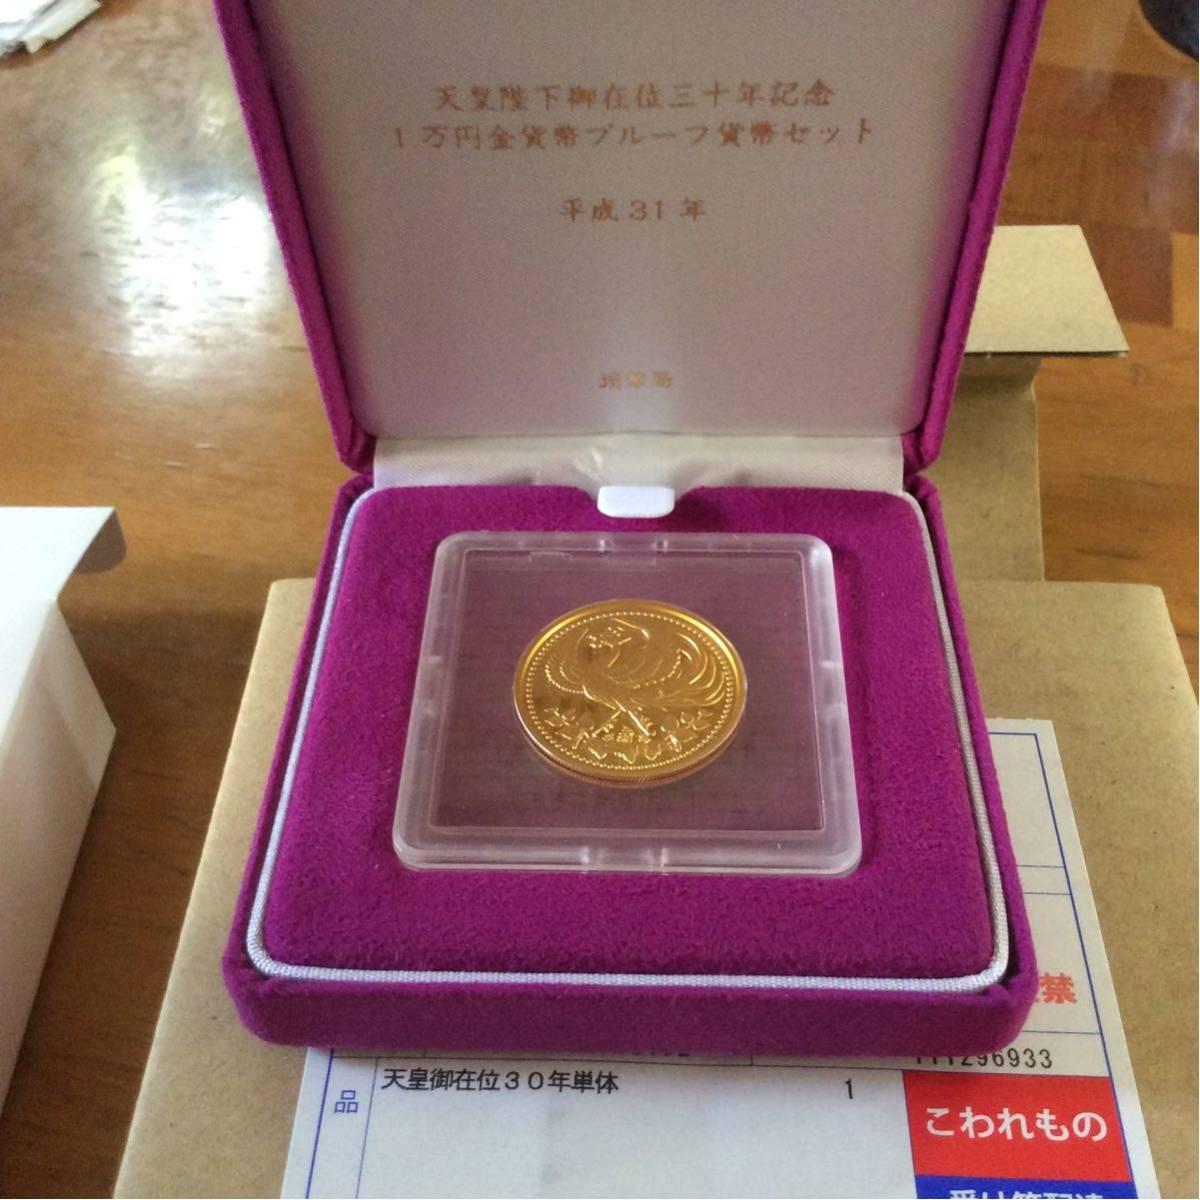 天皇陛下御在位三十年記念金貨 プルーフ貨幣金貨単体セット 一万円記念金貨_画像6